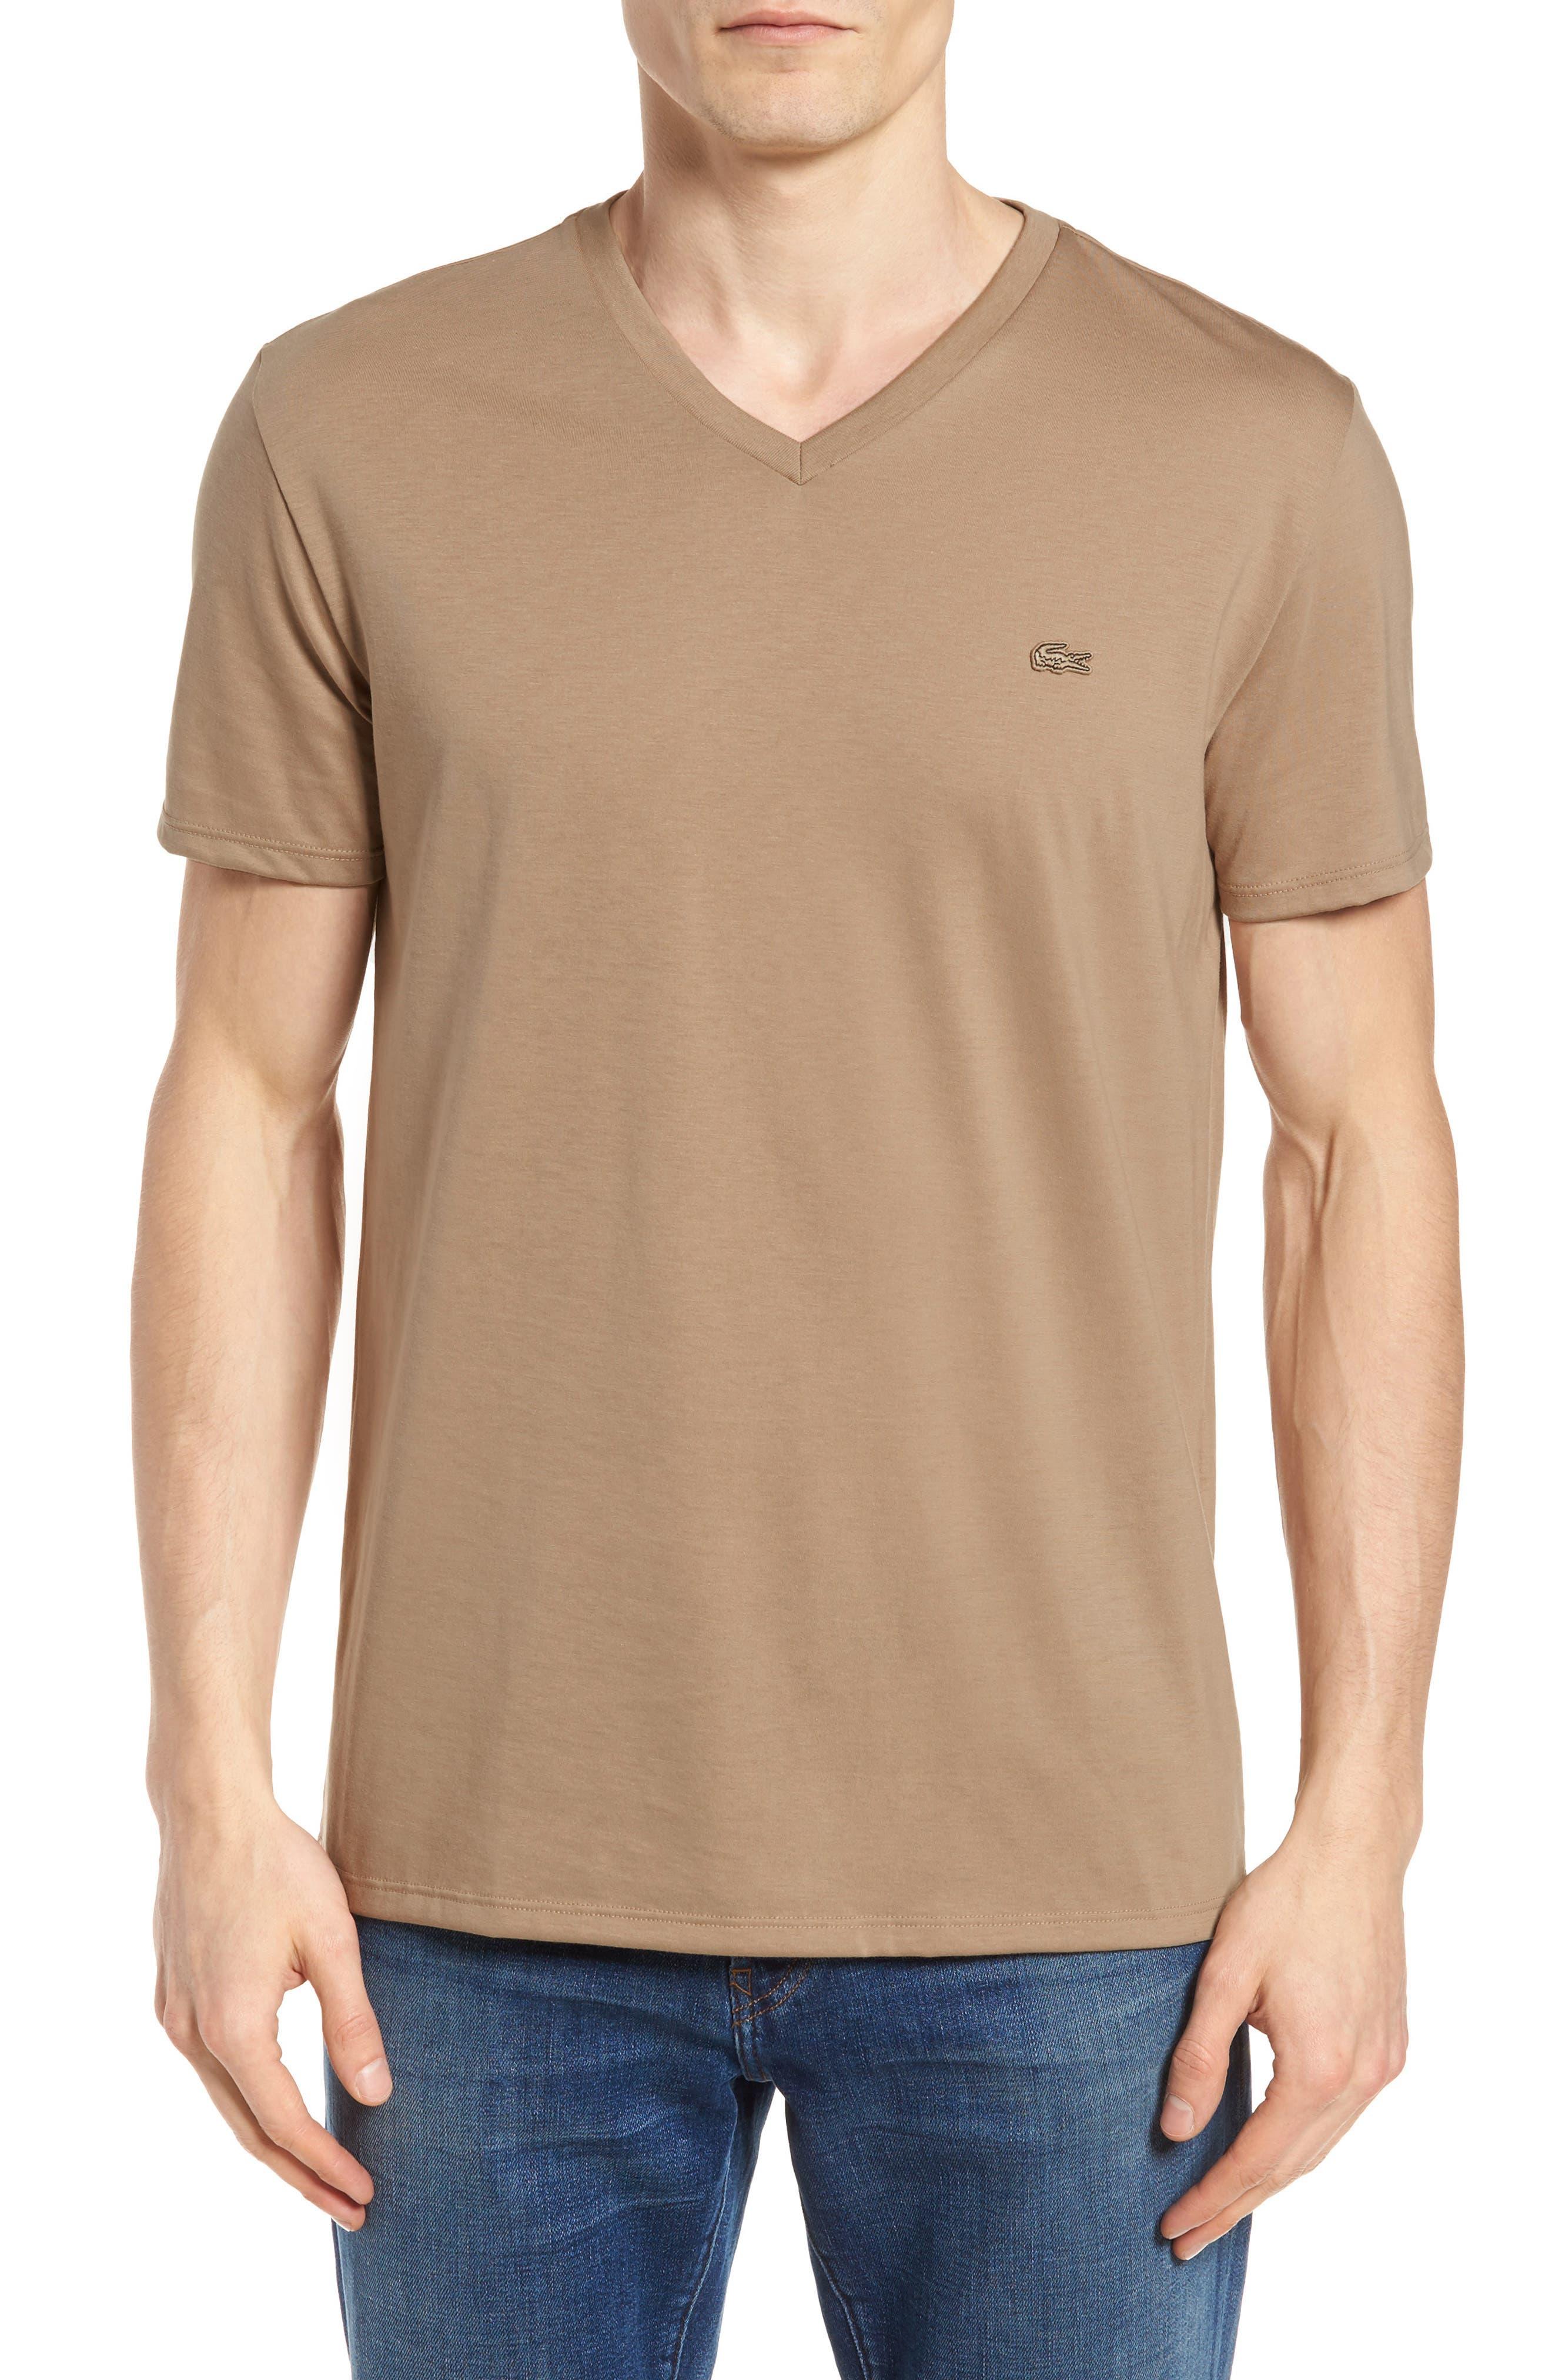 Pima Cotton T-Shirt,                         Main,                         color, KRAFT BEIGE